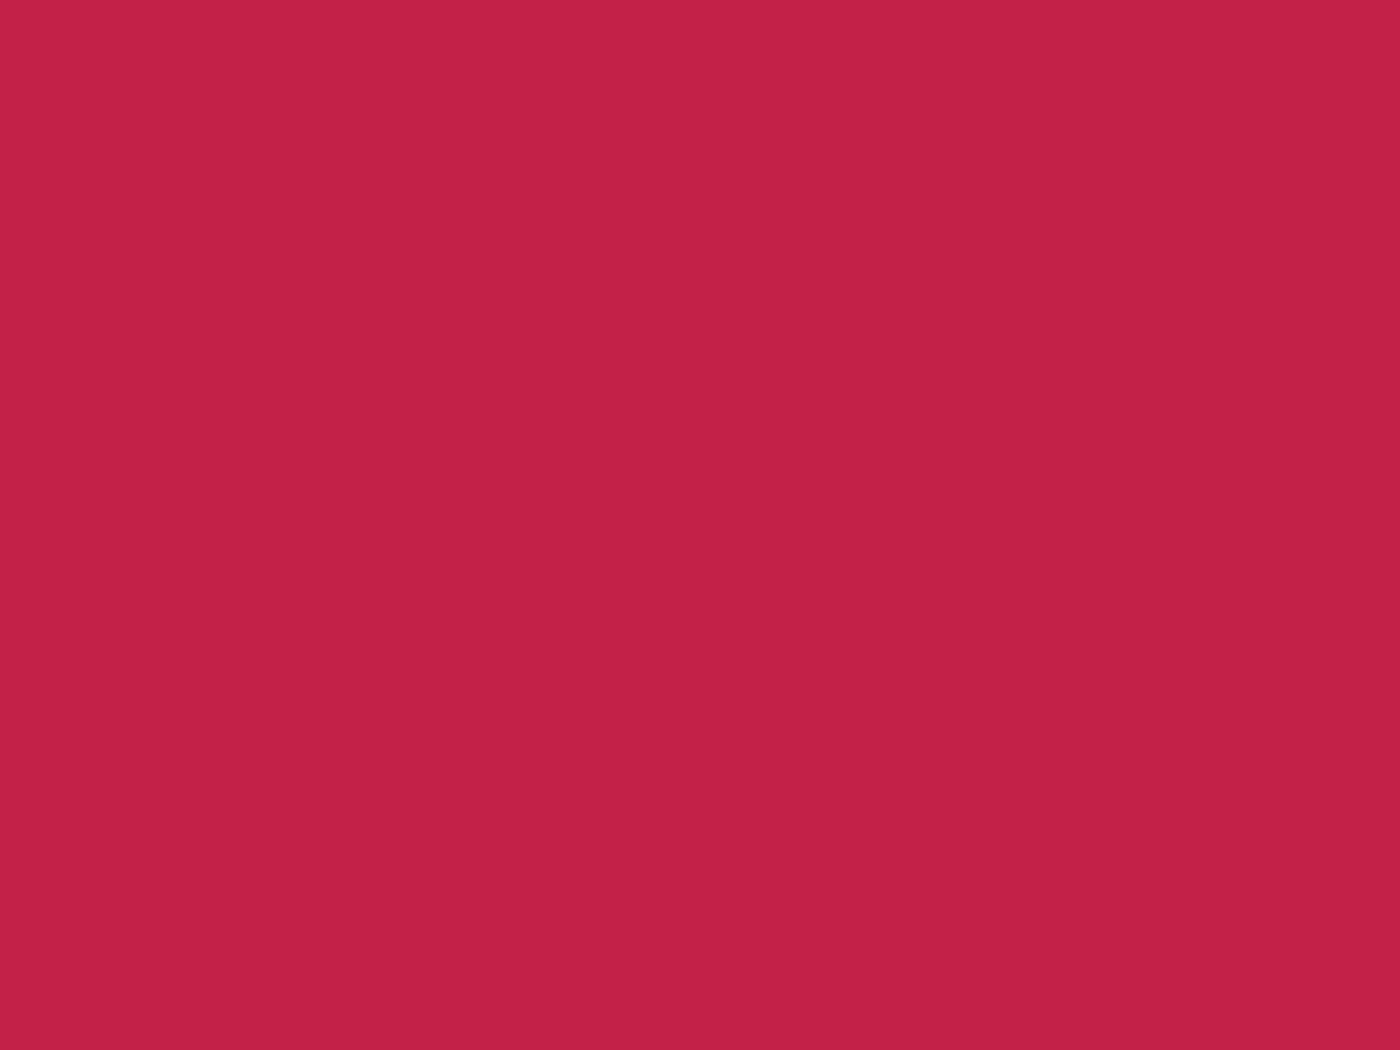 1400x1050 Maroon Crayola Solid Color Background